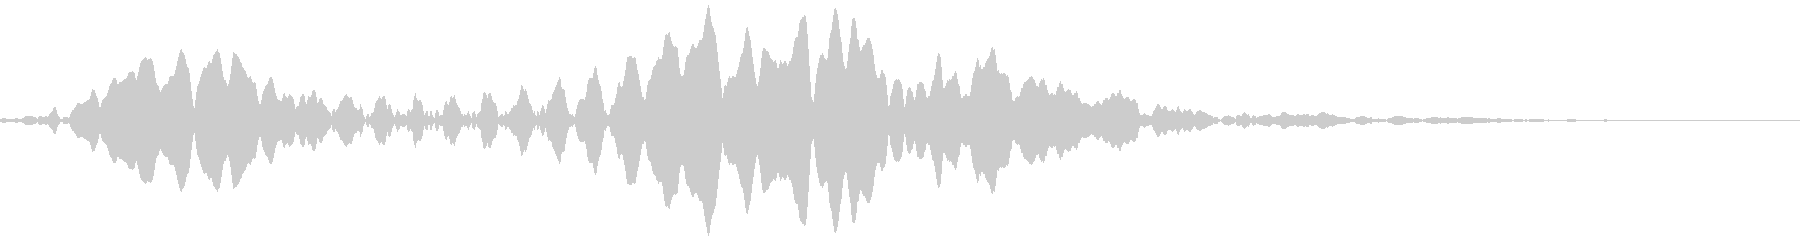 アナログFX 3の未再生の波形